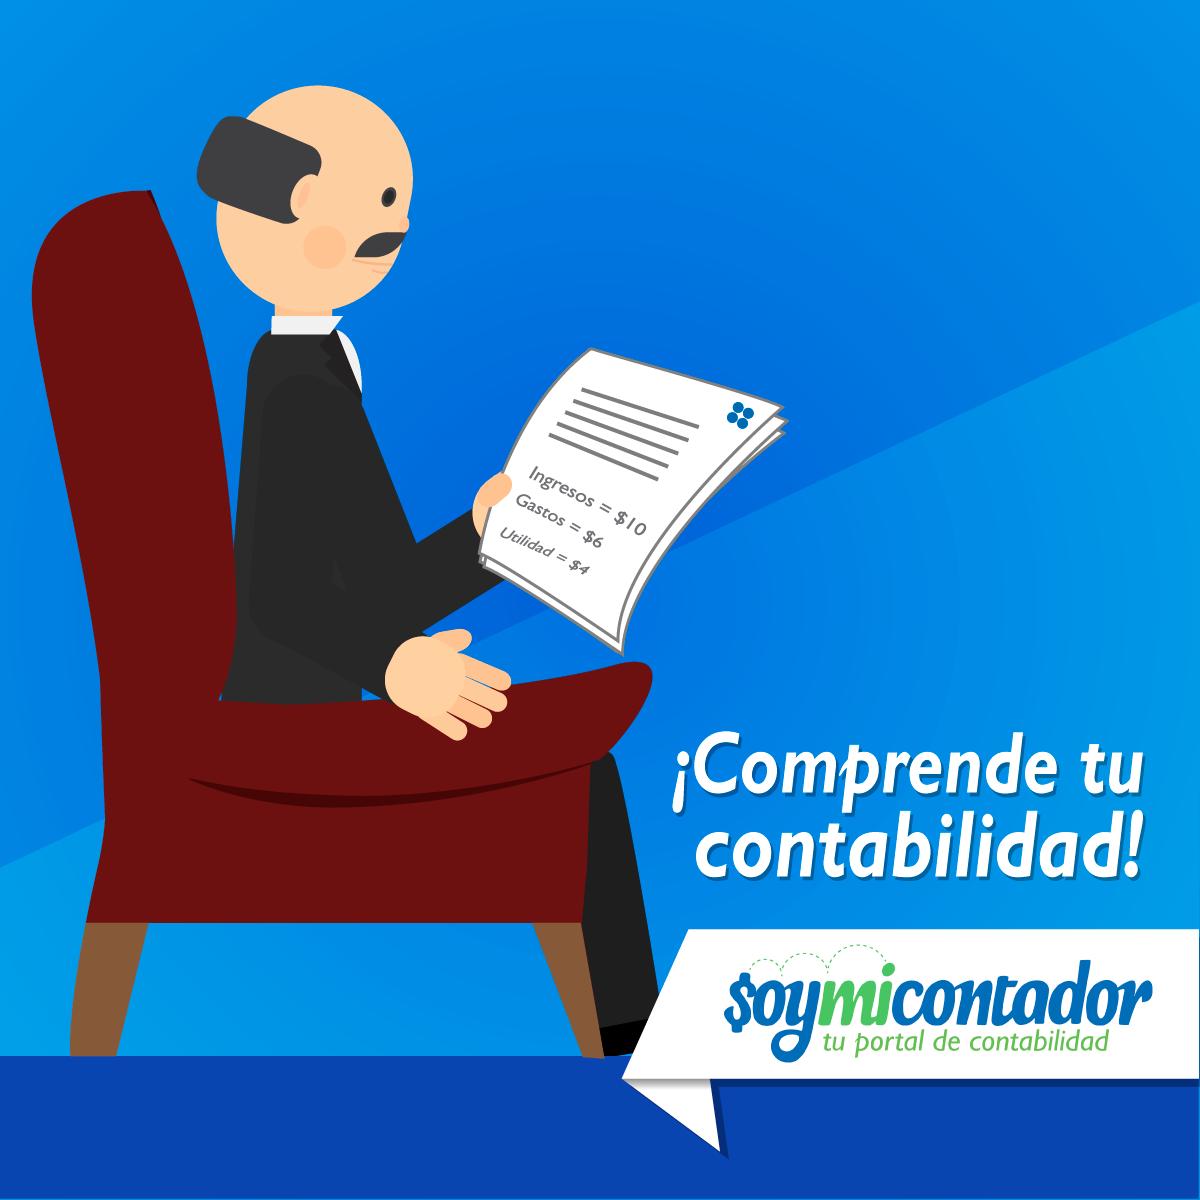 ISR, IVA, impuestos, contabilidad, personas físicas, actividad empresarial, honorarios, rif